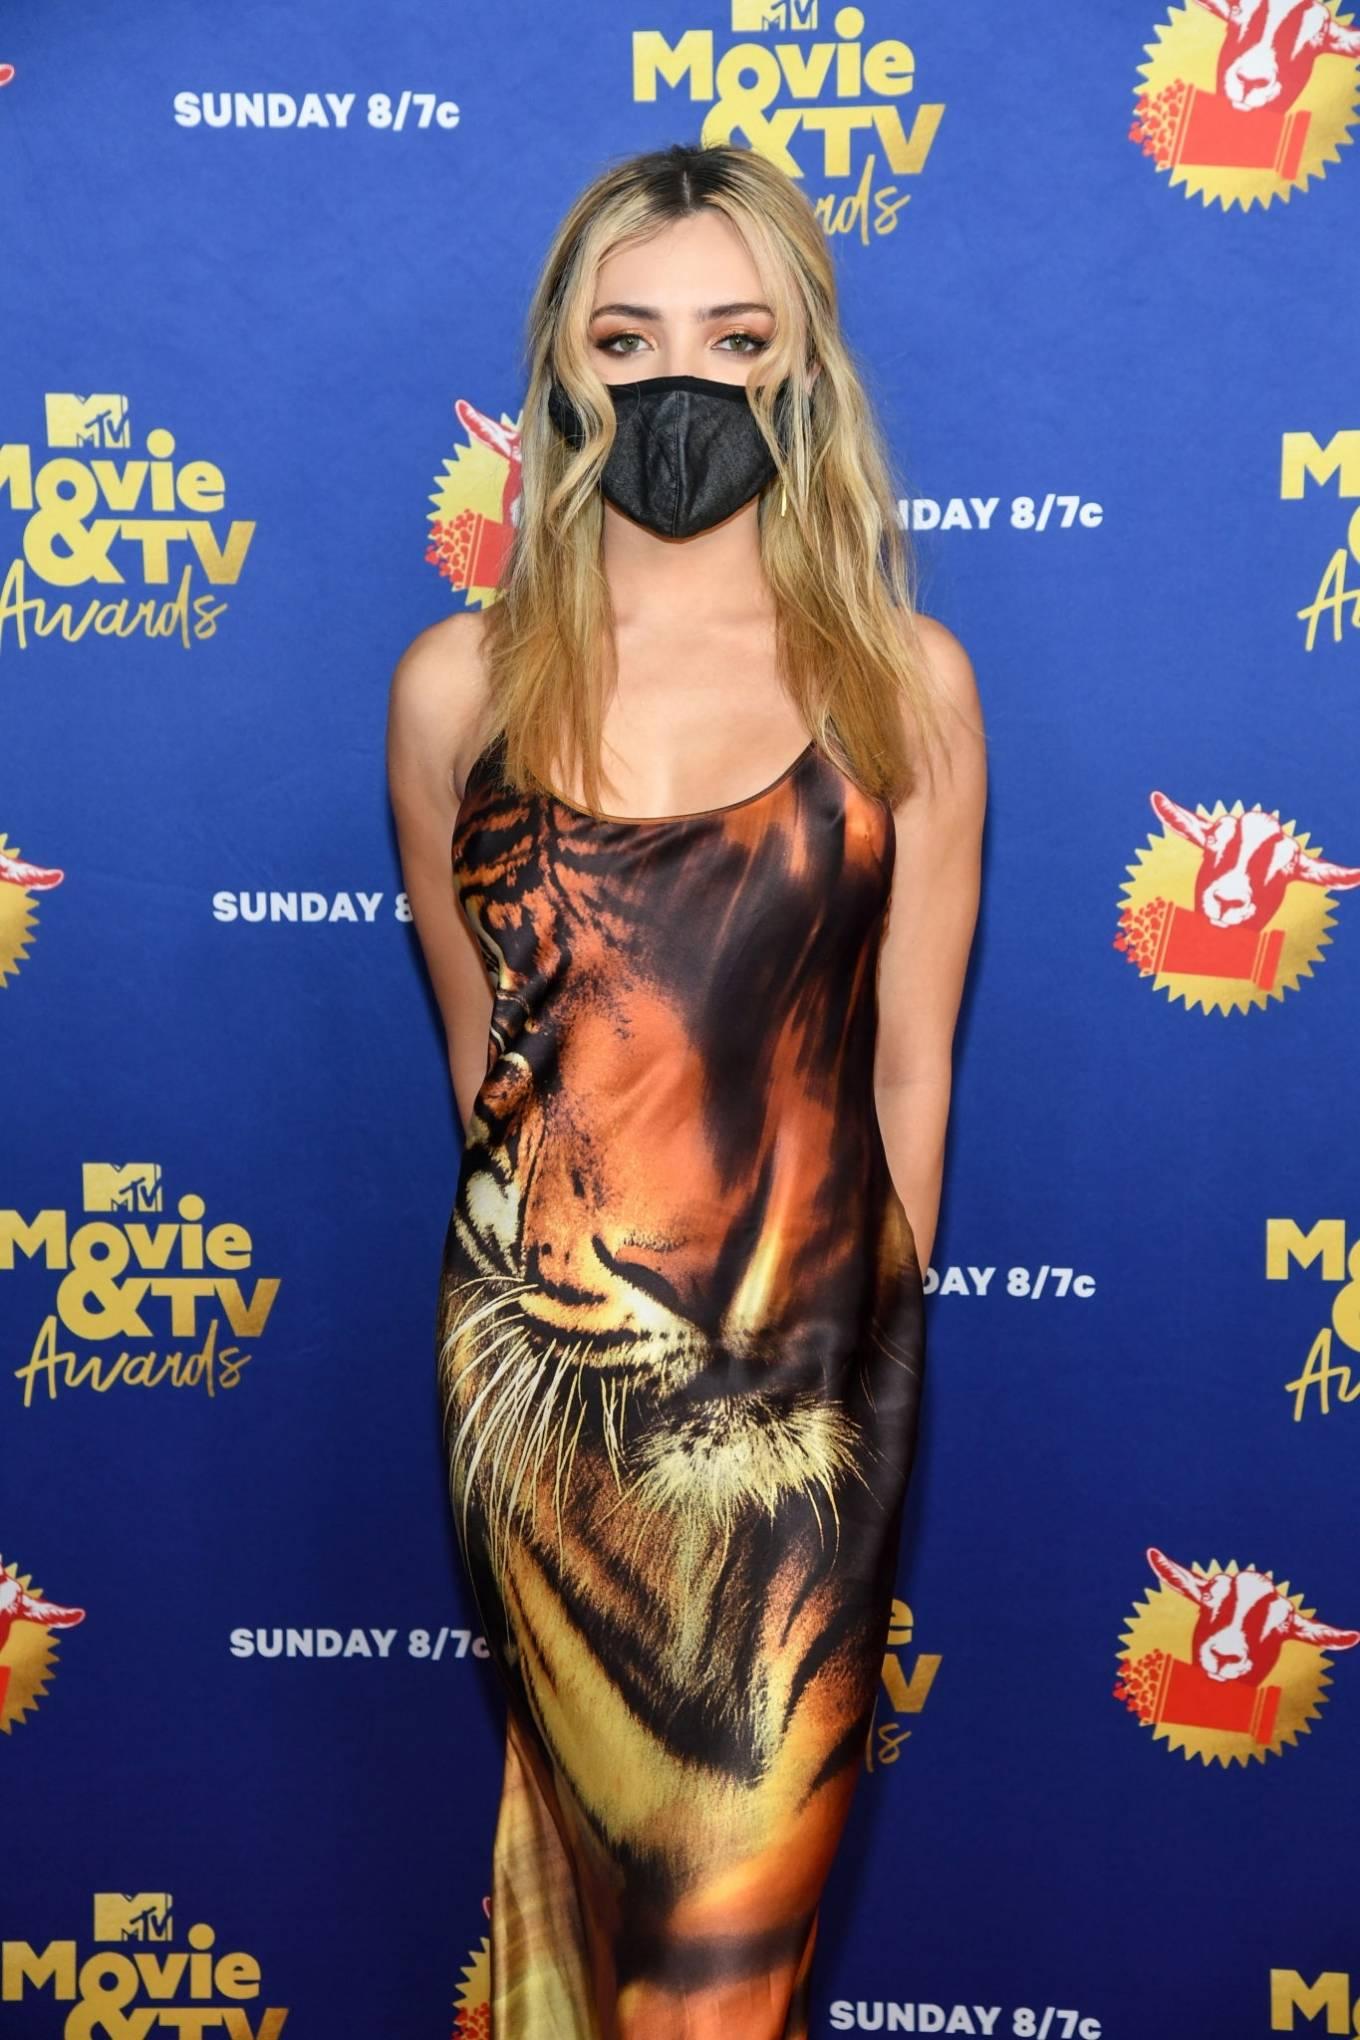 Peyton Roi List 2020 : Peyton Roi List – 2020 MTV Movie and TV Awards: GOAT in LA-01